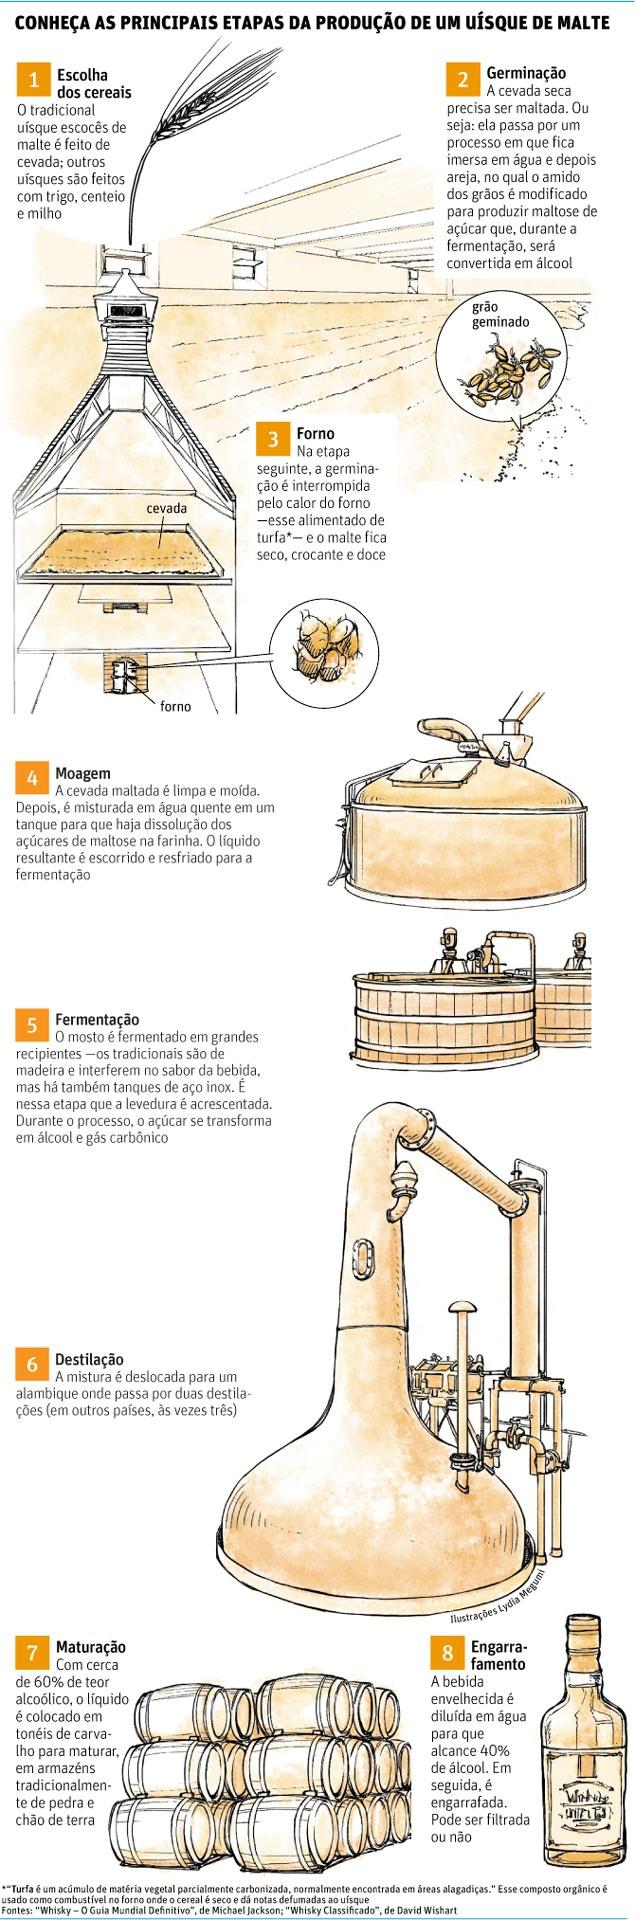 Conheça as etapas de produção de um uísque de malte.